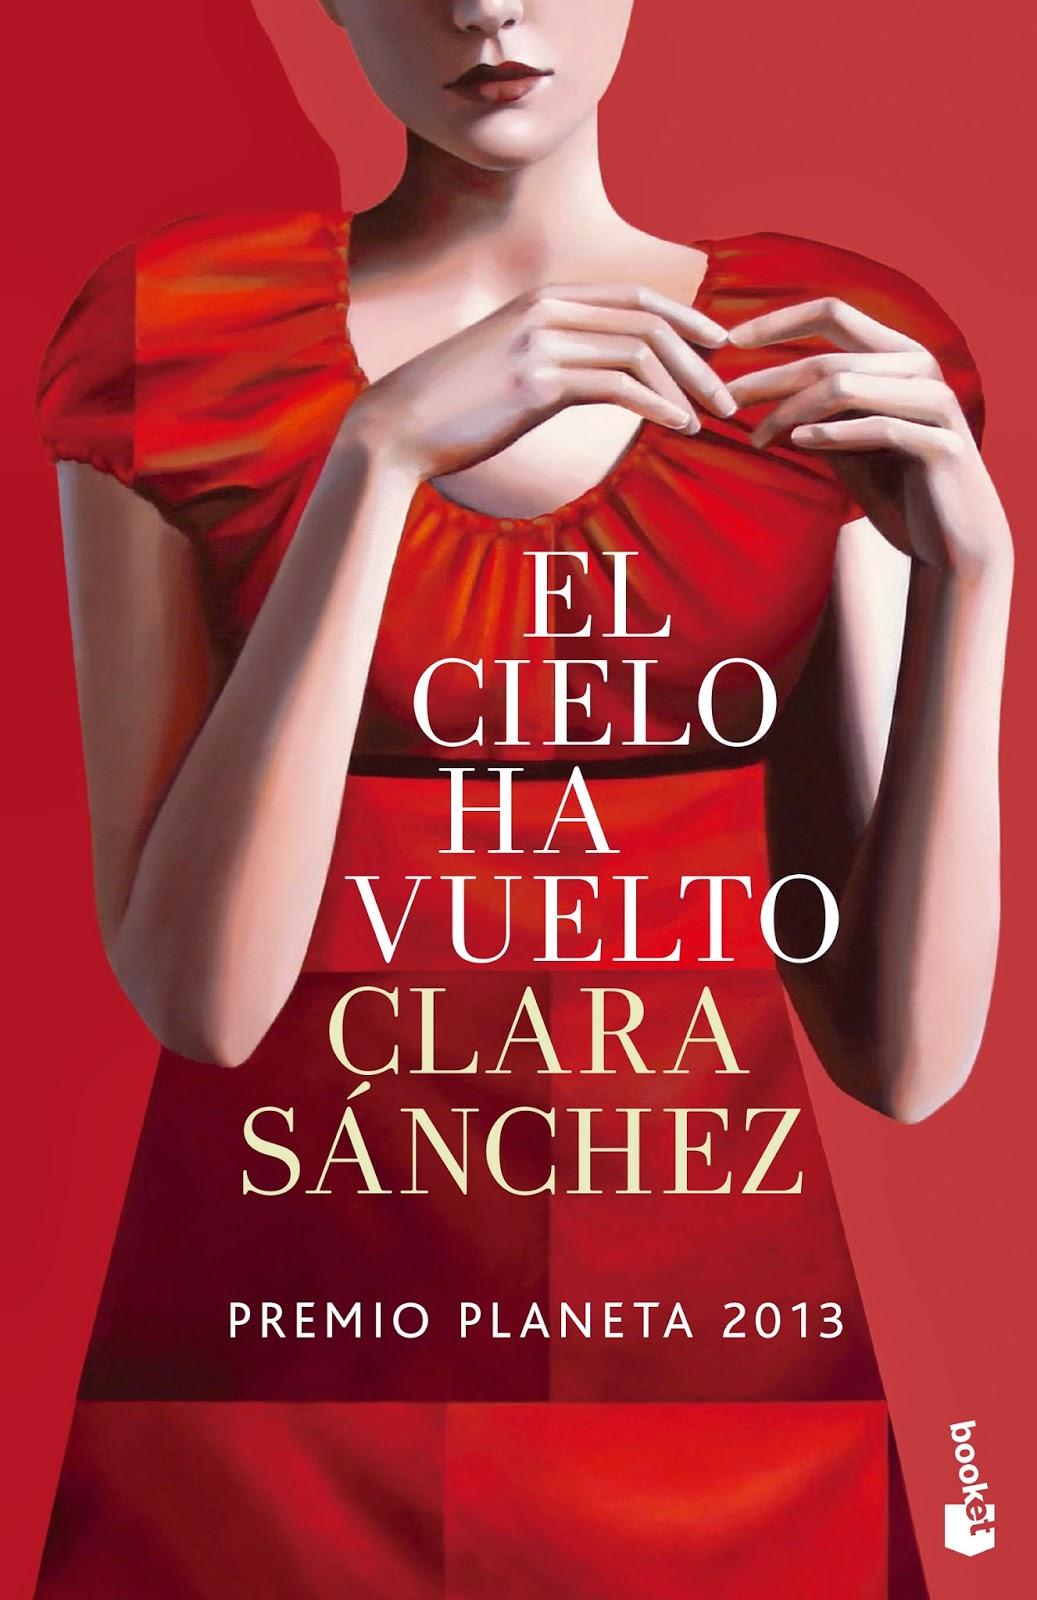 http://www.planetadelibros.com/el-cielo-ha-vuelto-libro-167905.html